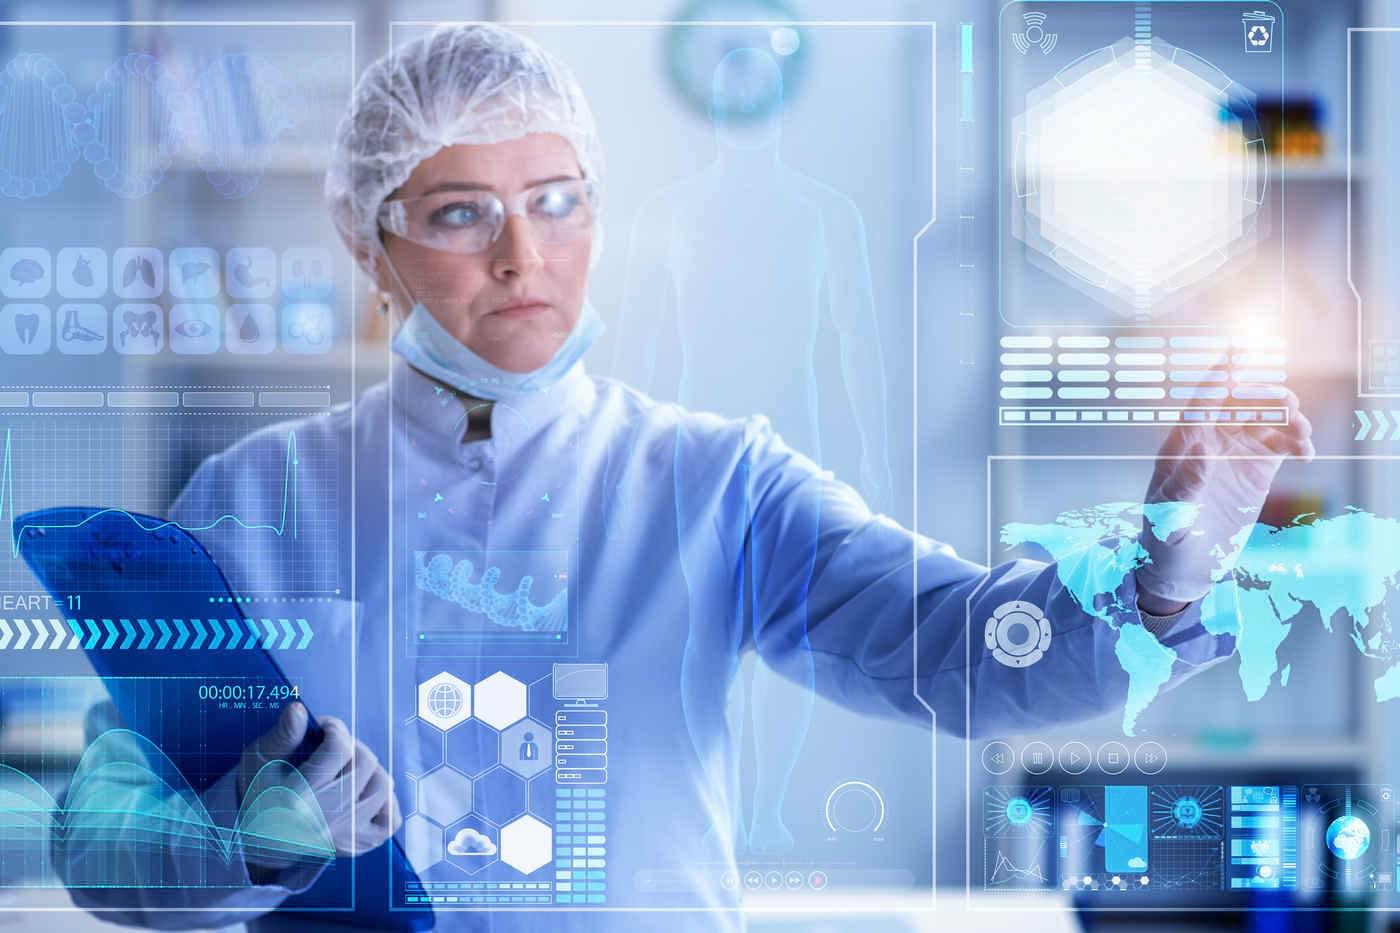 Inteligența artificială, folosită pentru diagnosticarea cancerului mamar